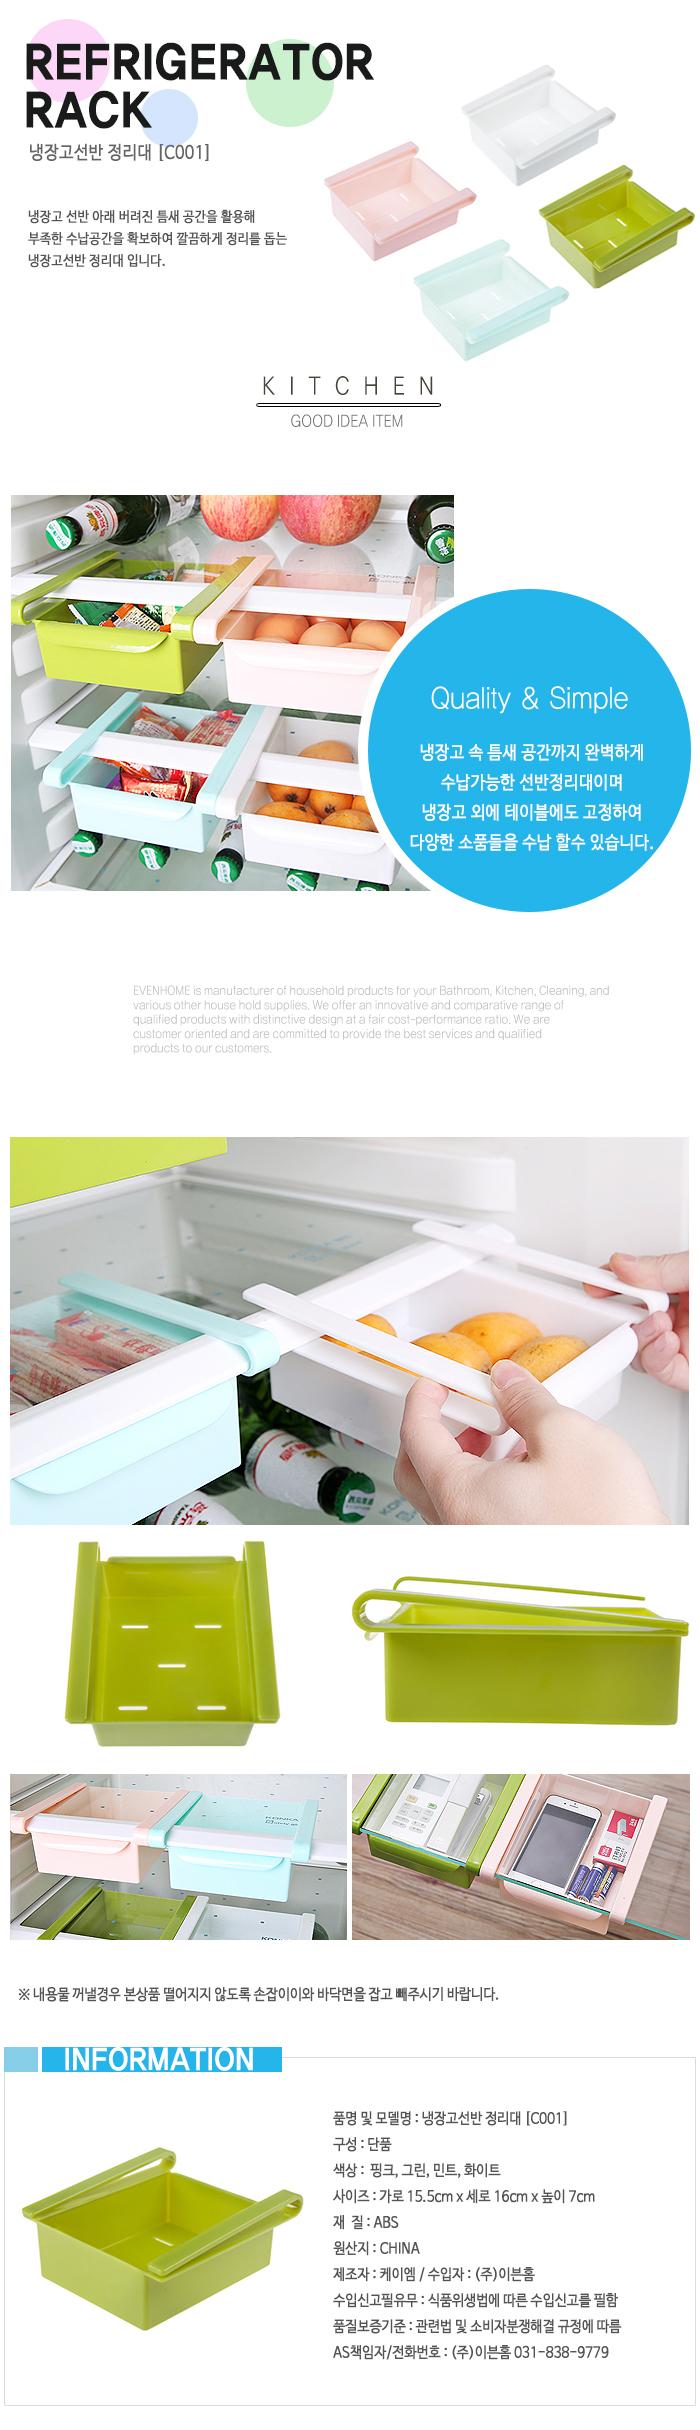 냉장고 틈새 수납 가능한 정리대